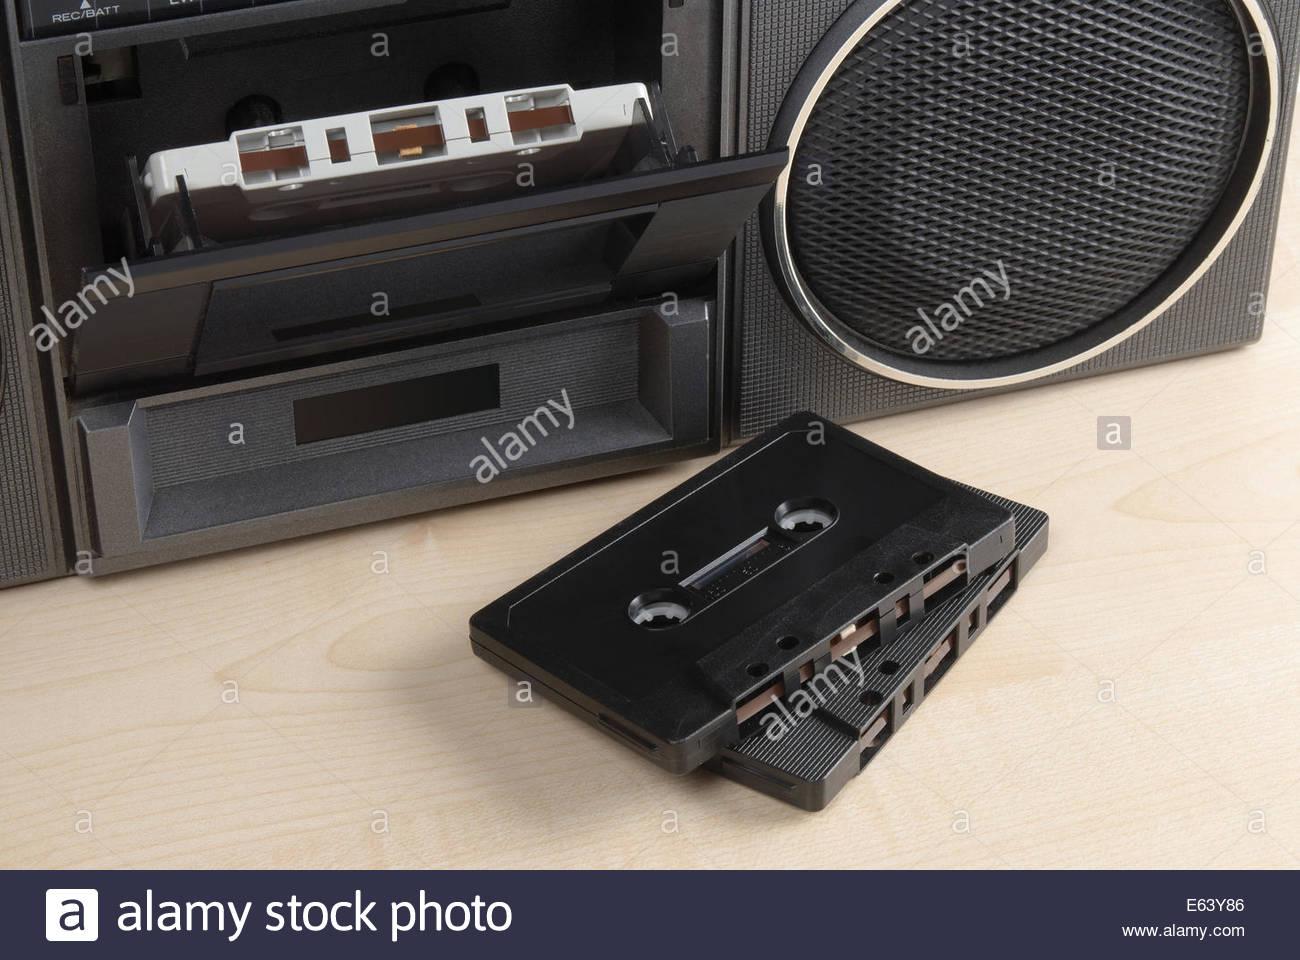 Libre d'une vieille radio lecteur de cassette avec deux cassettes en face Photo Stock